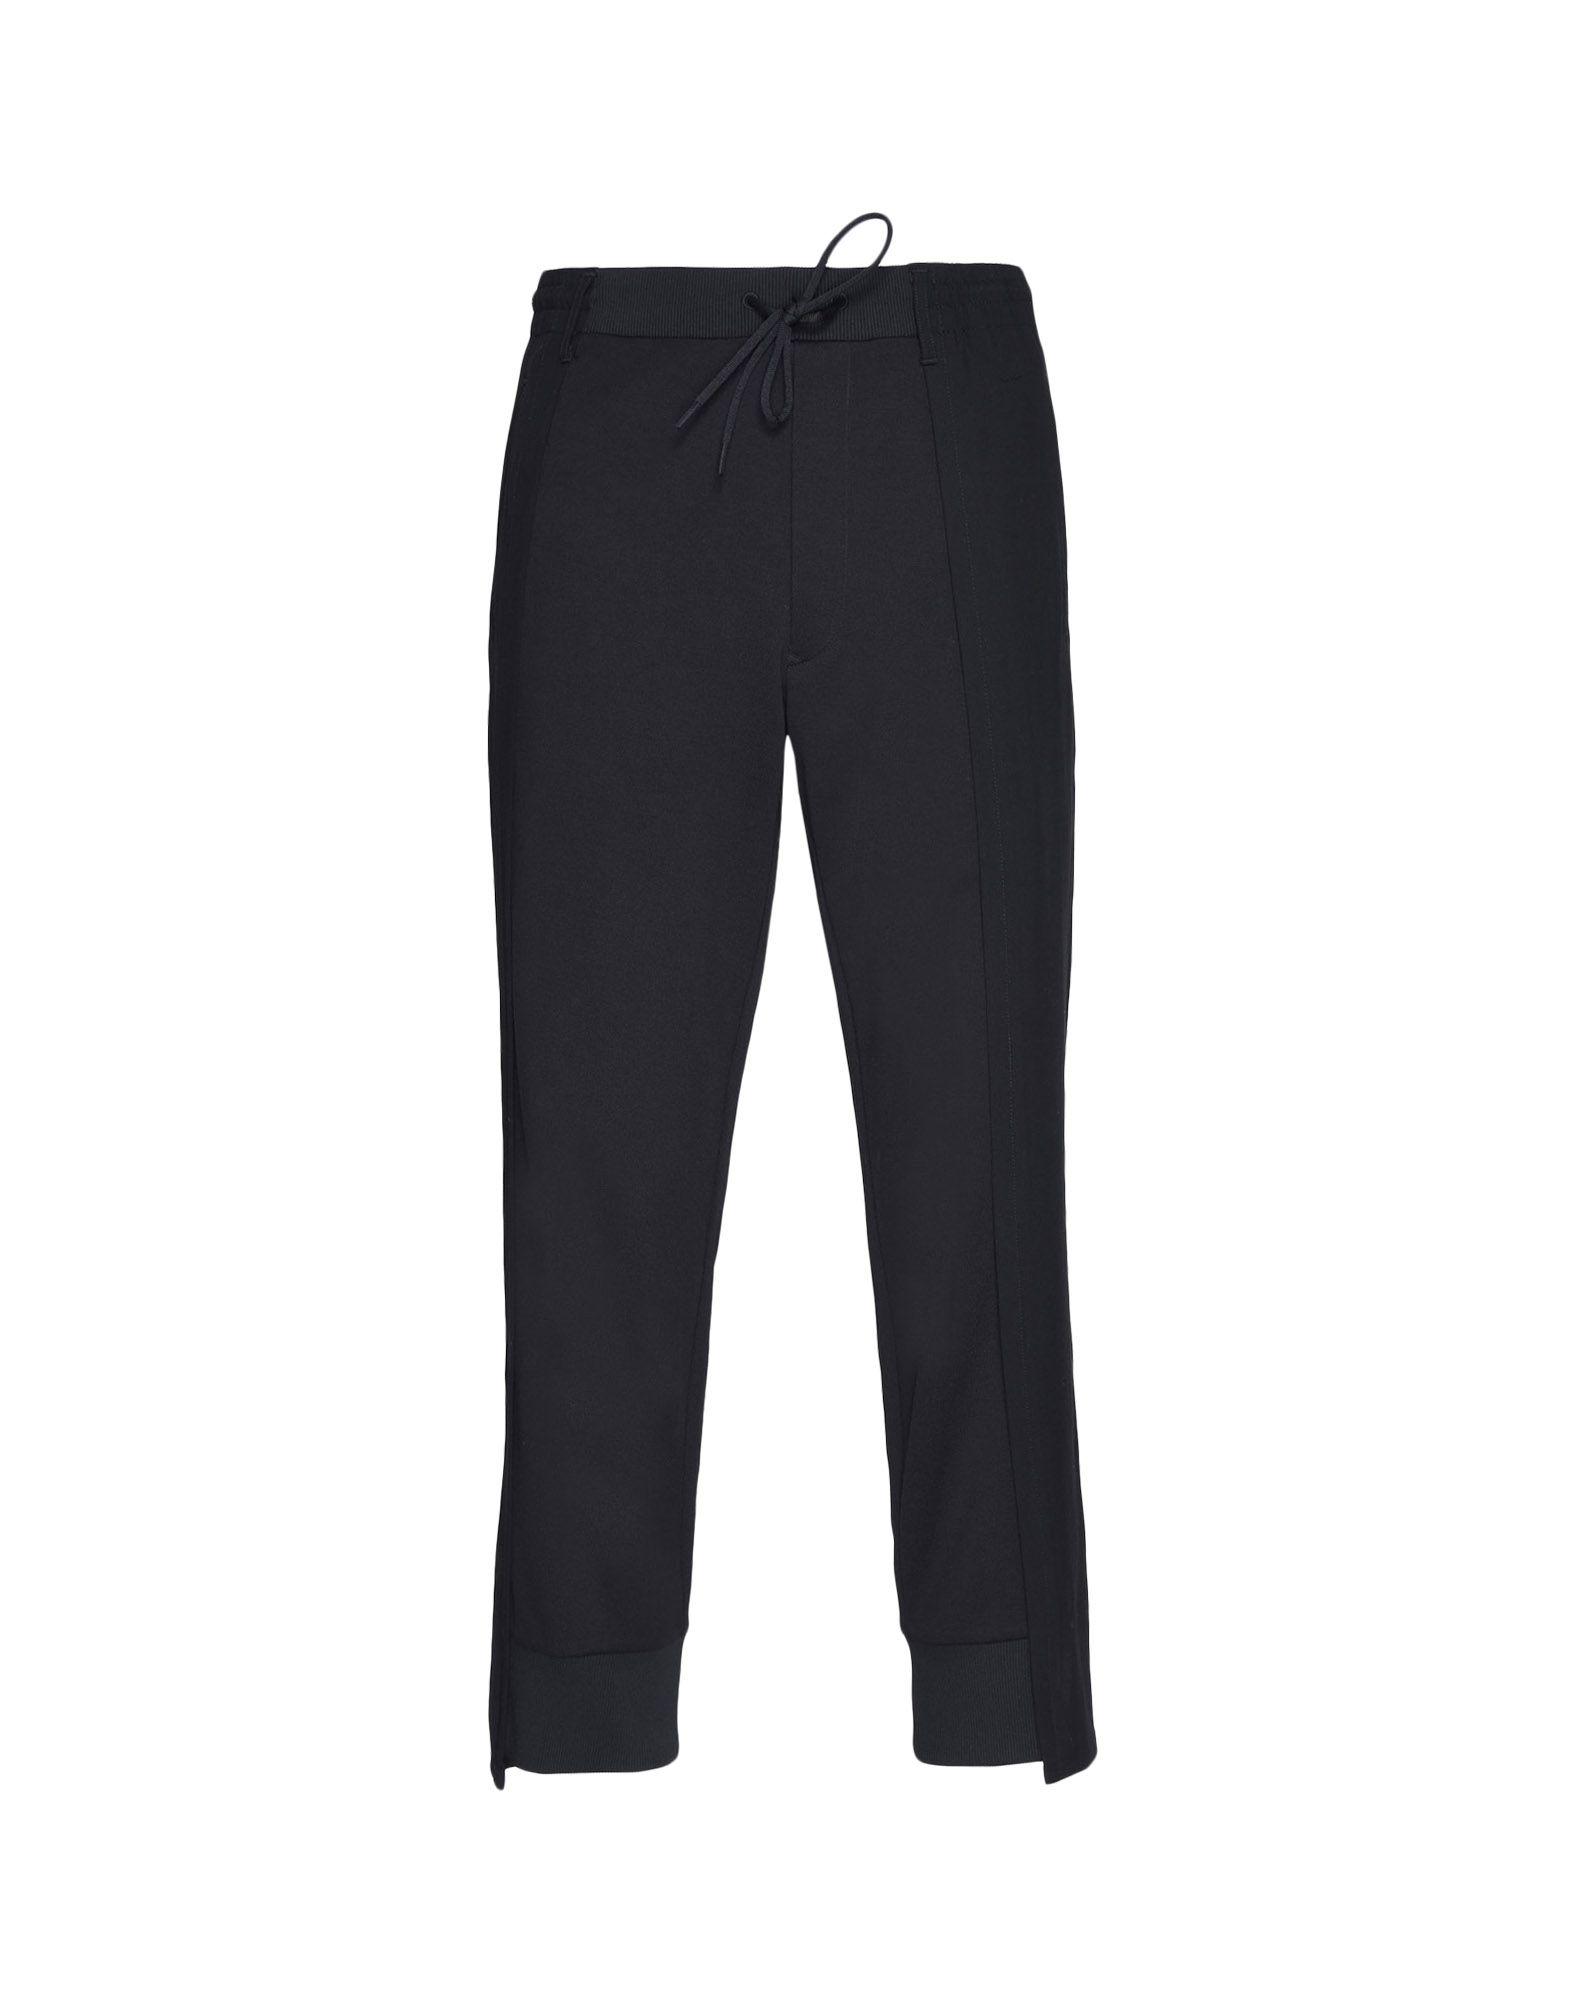 Y-3 Y-3 Patchwork Pants Hose Herren f